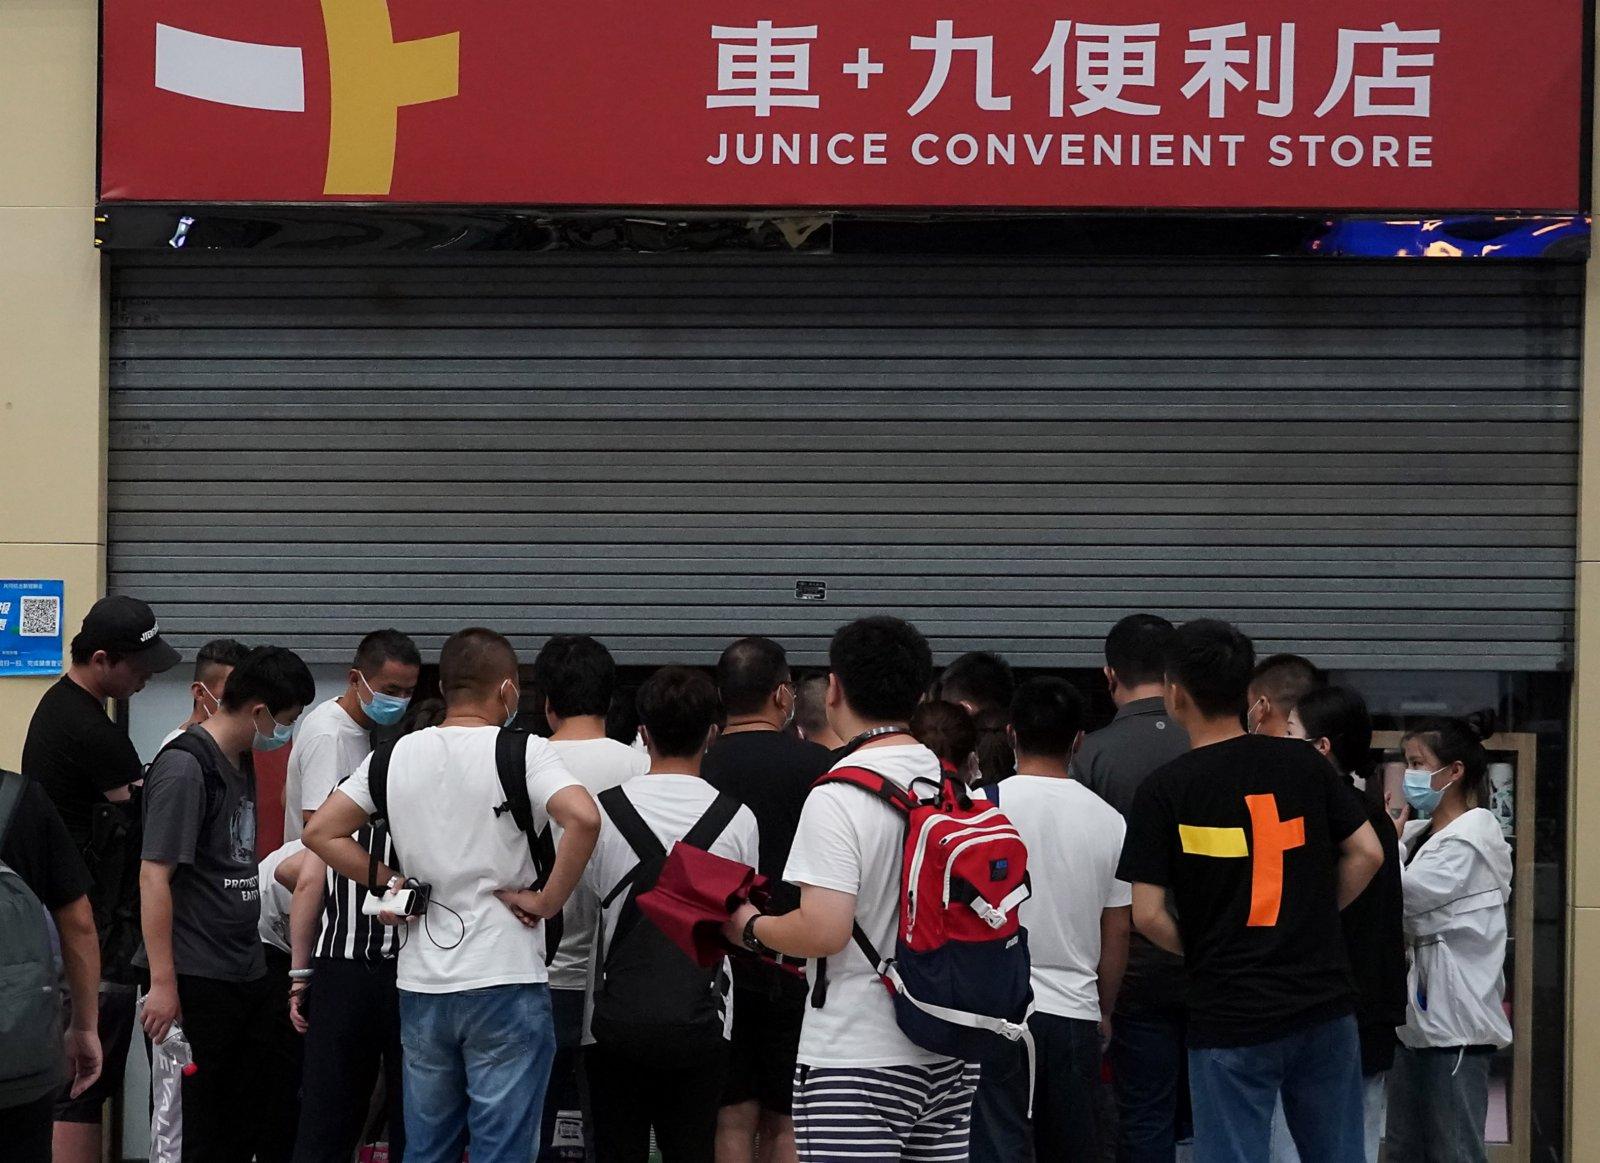 7月20日,滯留旅客在鄭州東站一家便利店外排隊購物。(新華社)